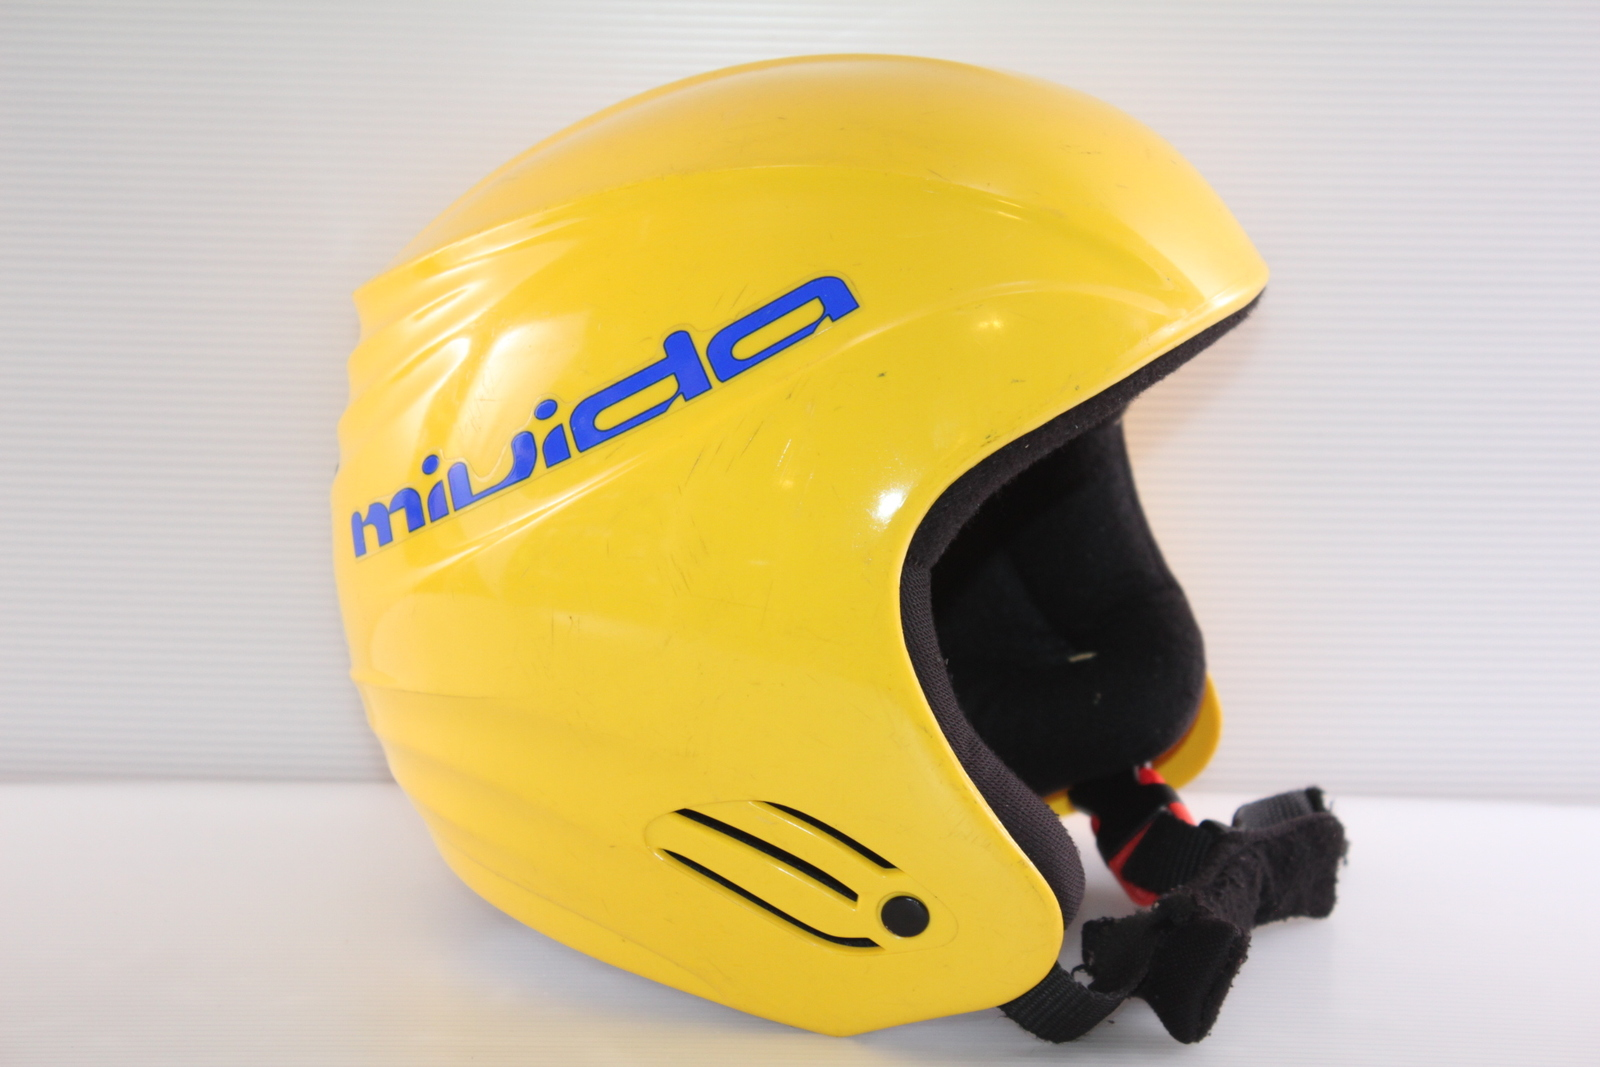 Lyžařská helma Mivida  - posuvná vel. 58 - 61